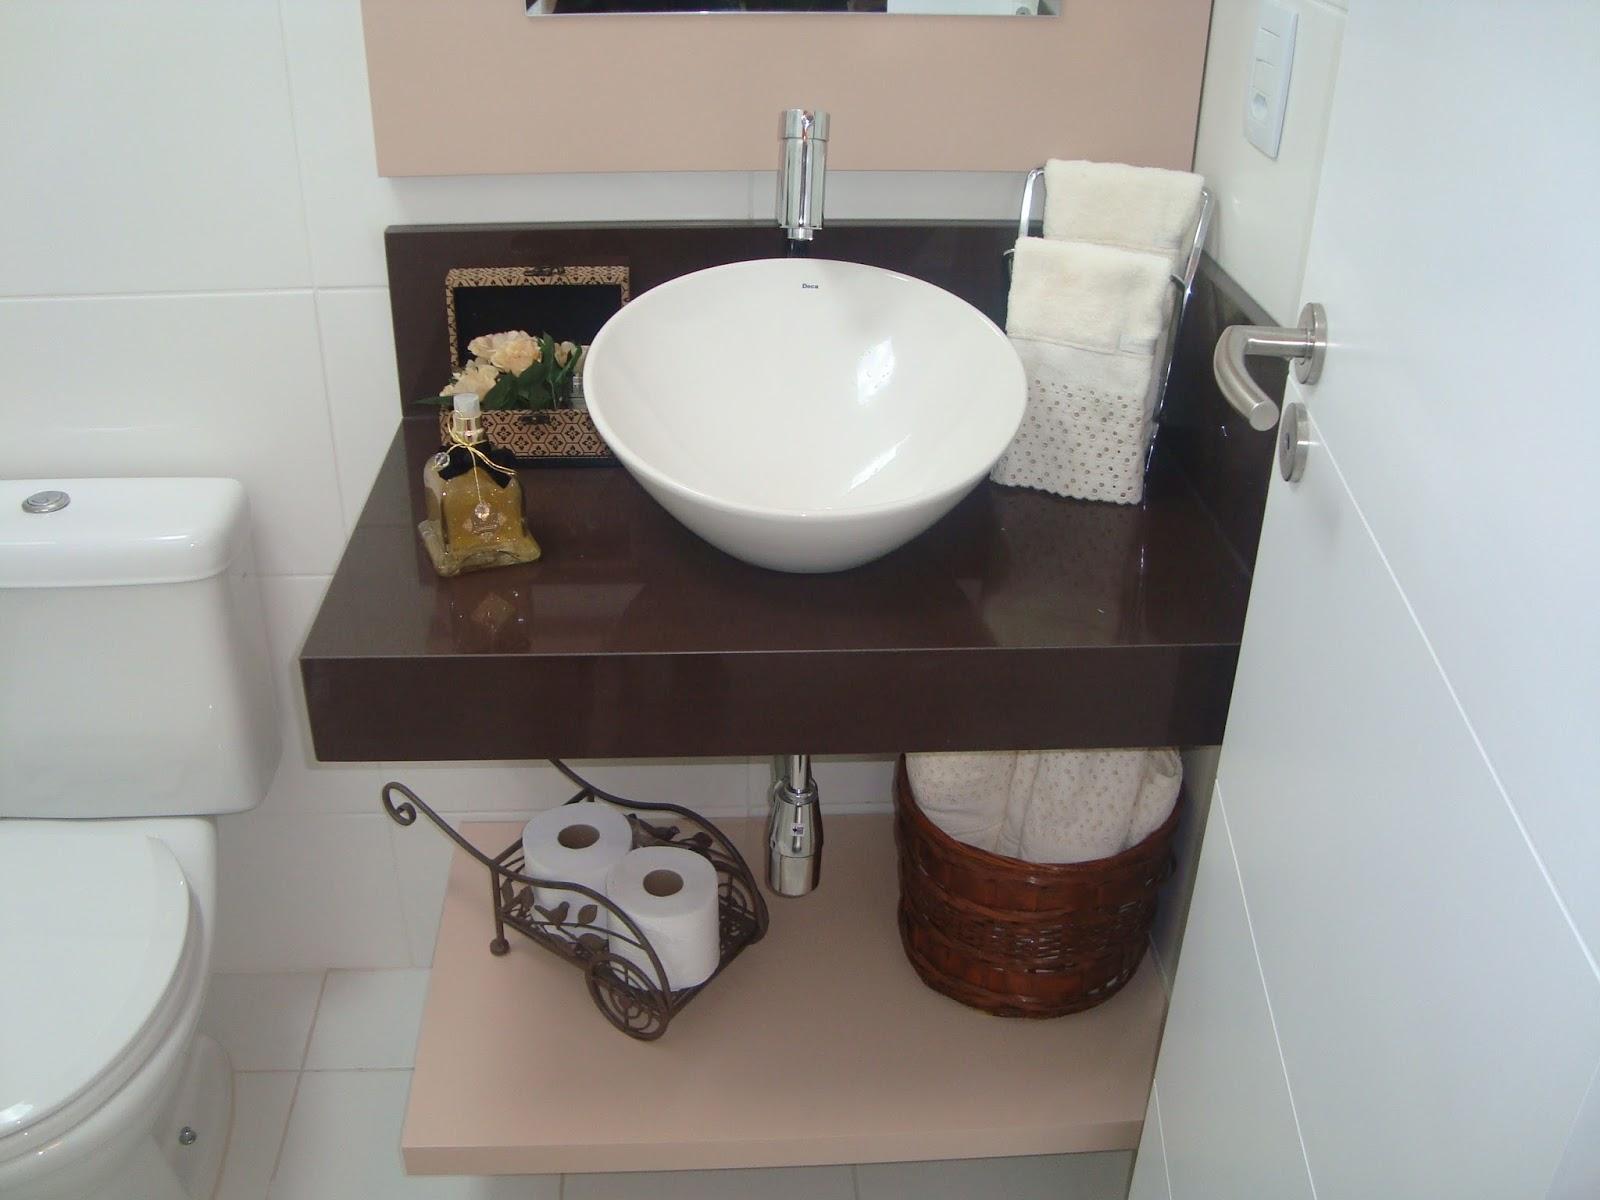 BANCADAS DE COZINHA E BANHEIRO #6B5C4C 1600x1200 Banheiro Com Granito Marrom Imperial